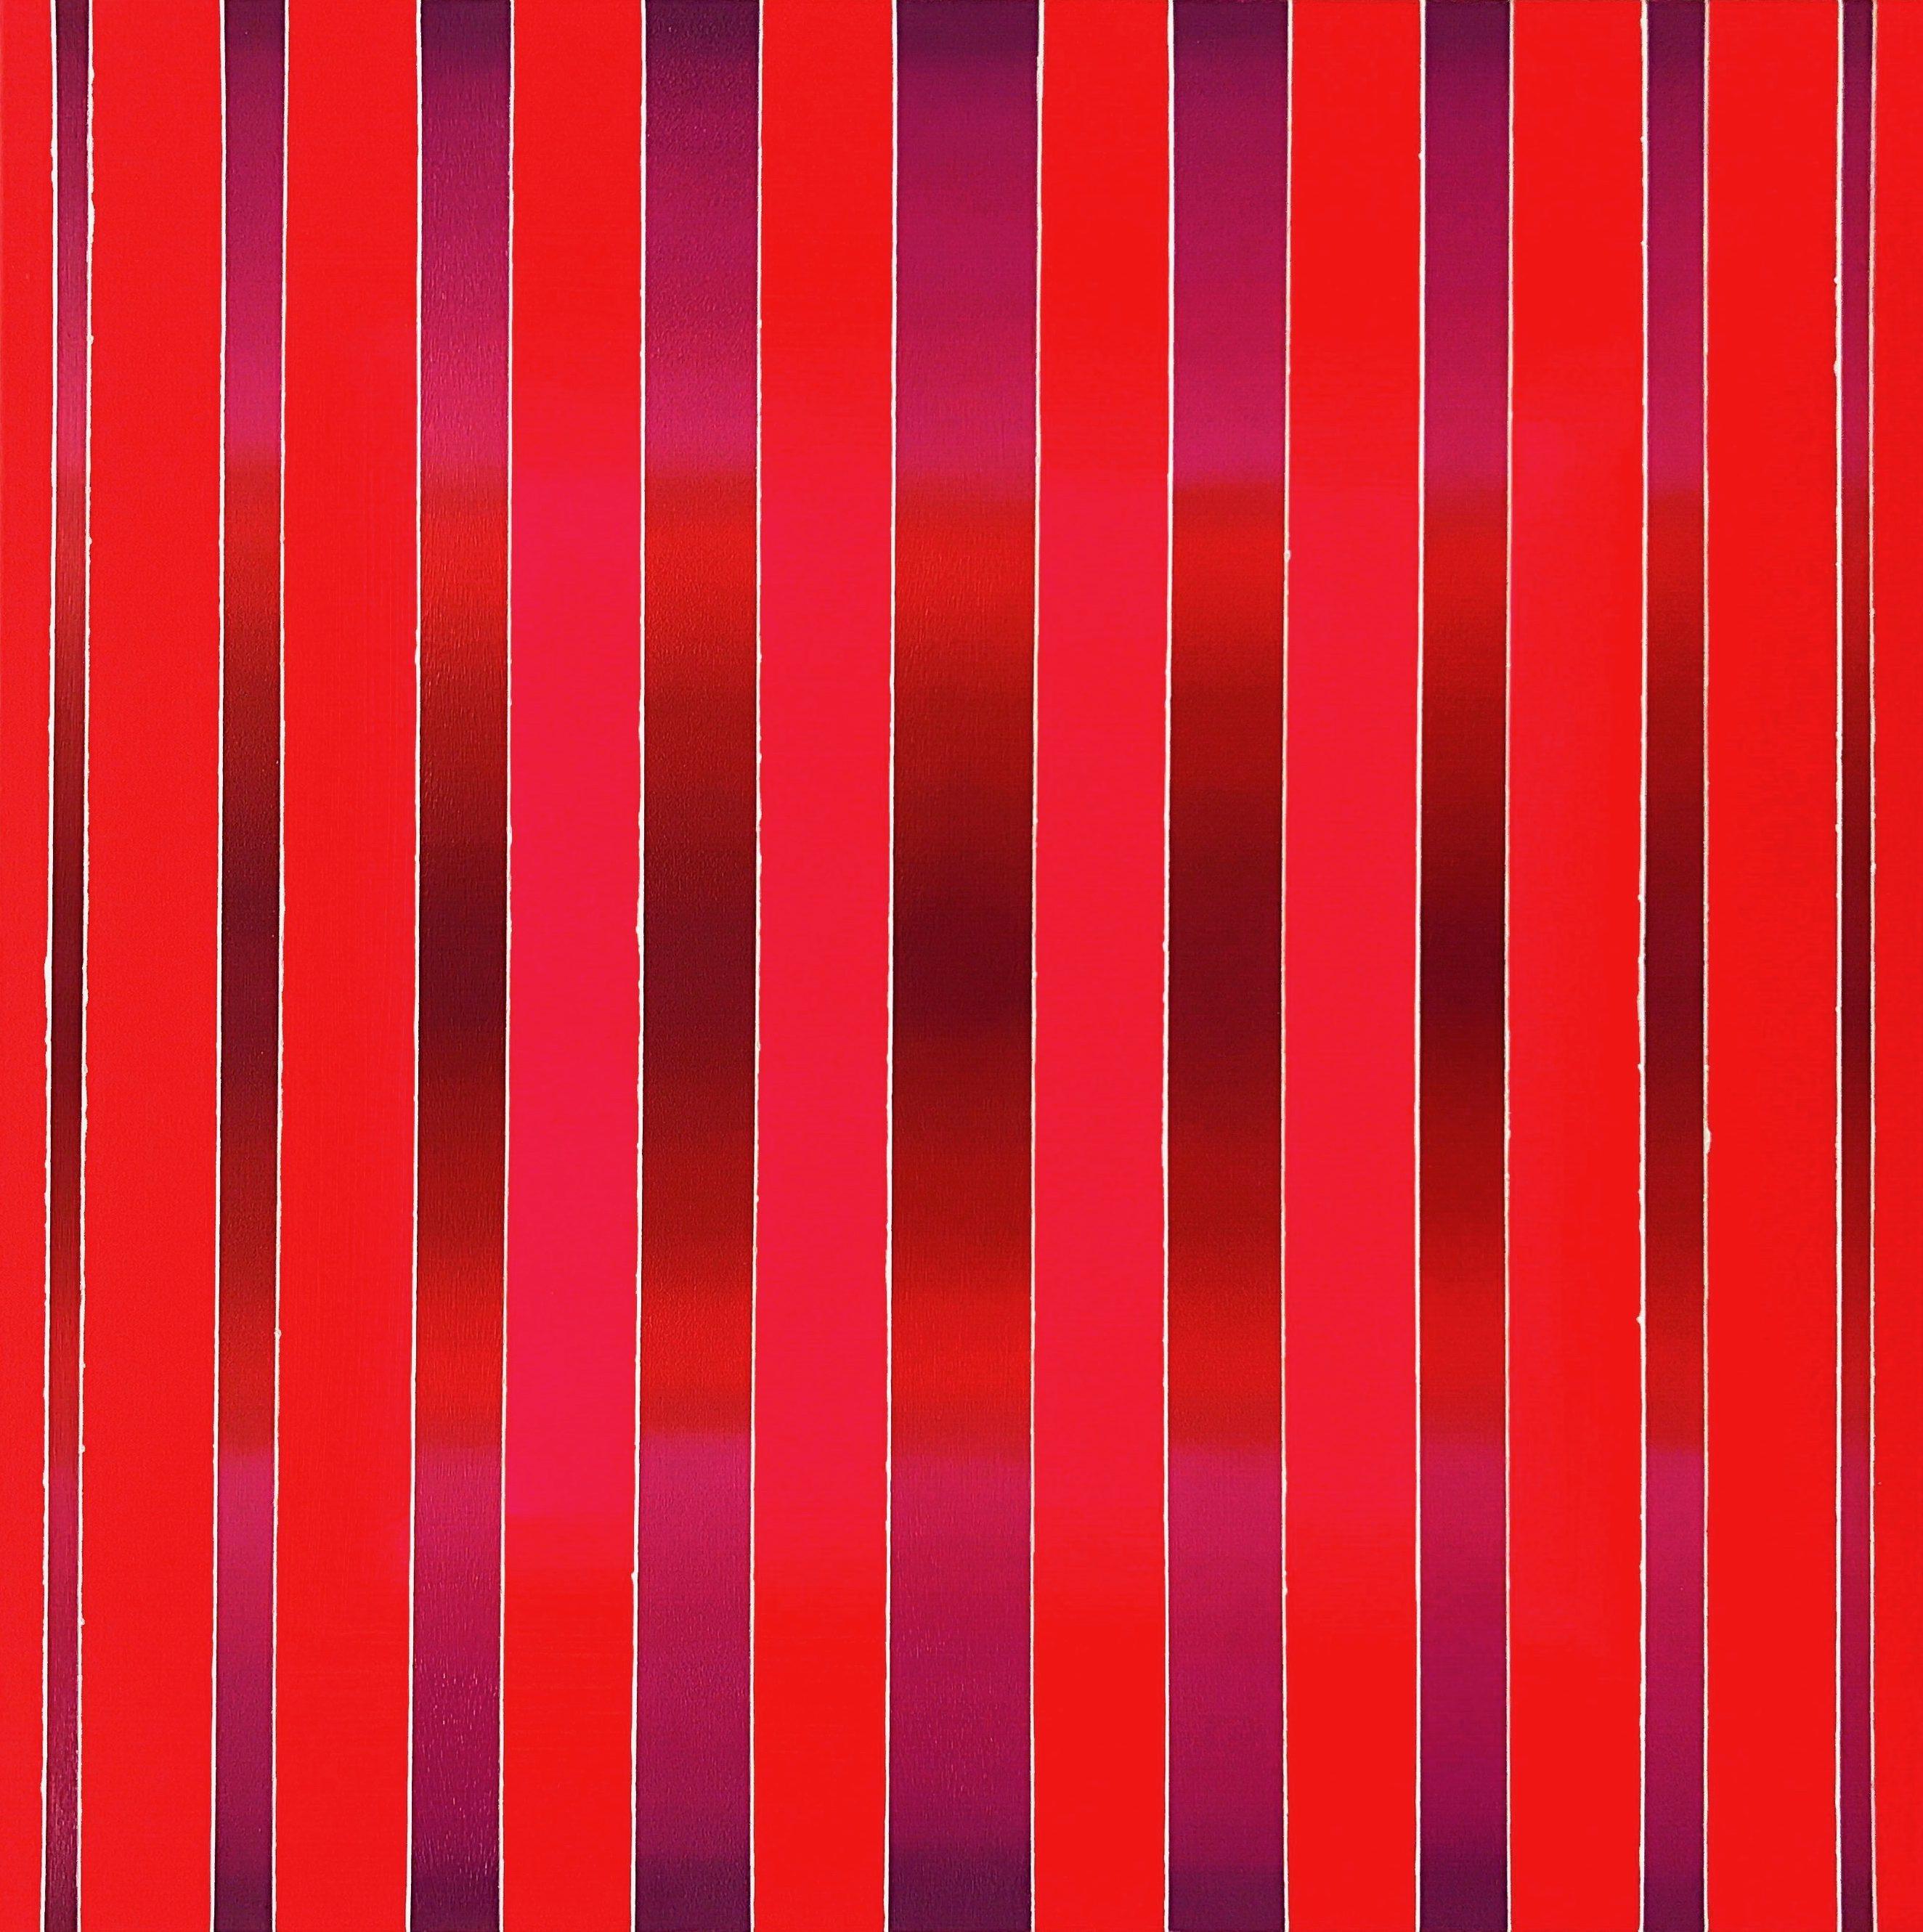 WAHRNEHMUNGSSTREIFEN 09 Canvas  70 x 70 x 2 cm  Acrylic Oil on canvas